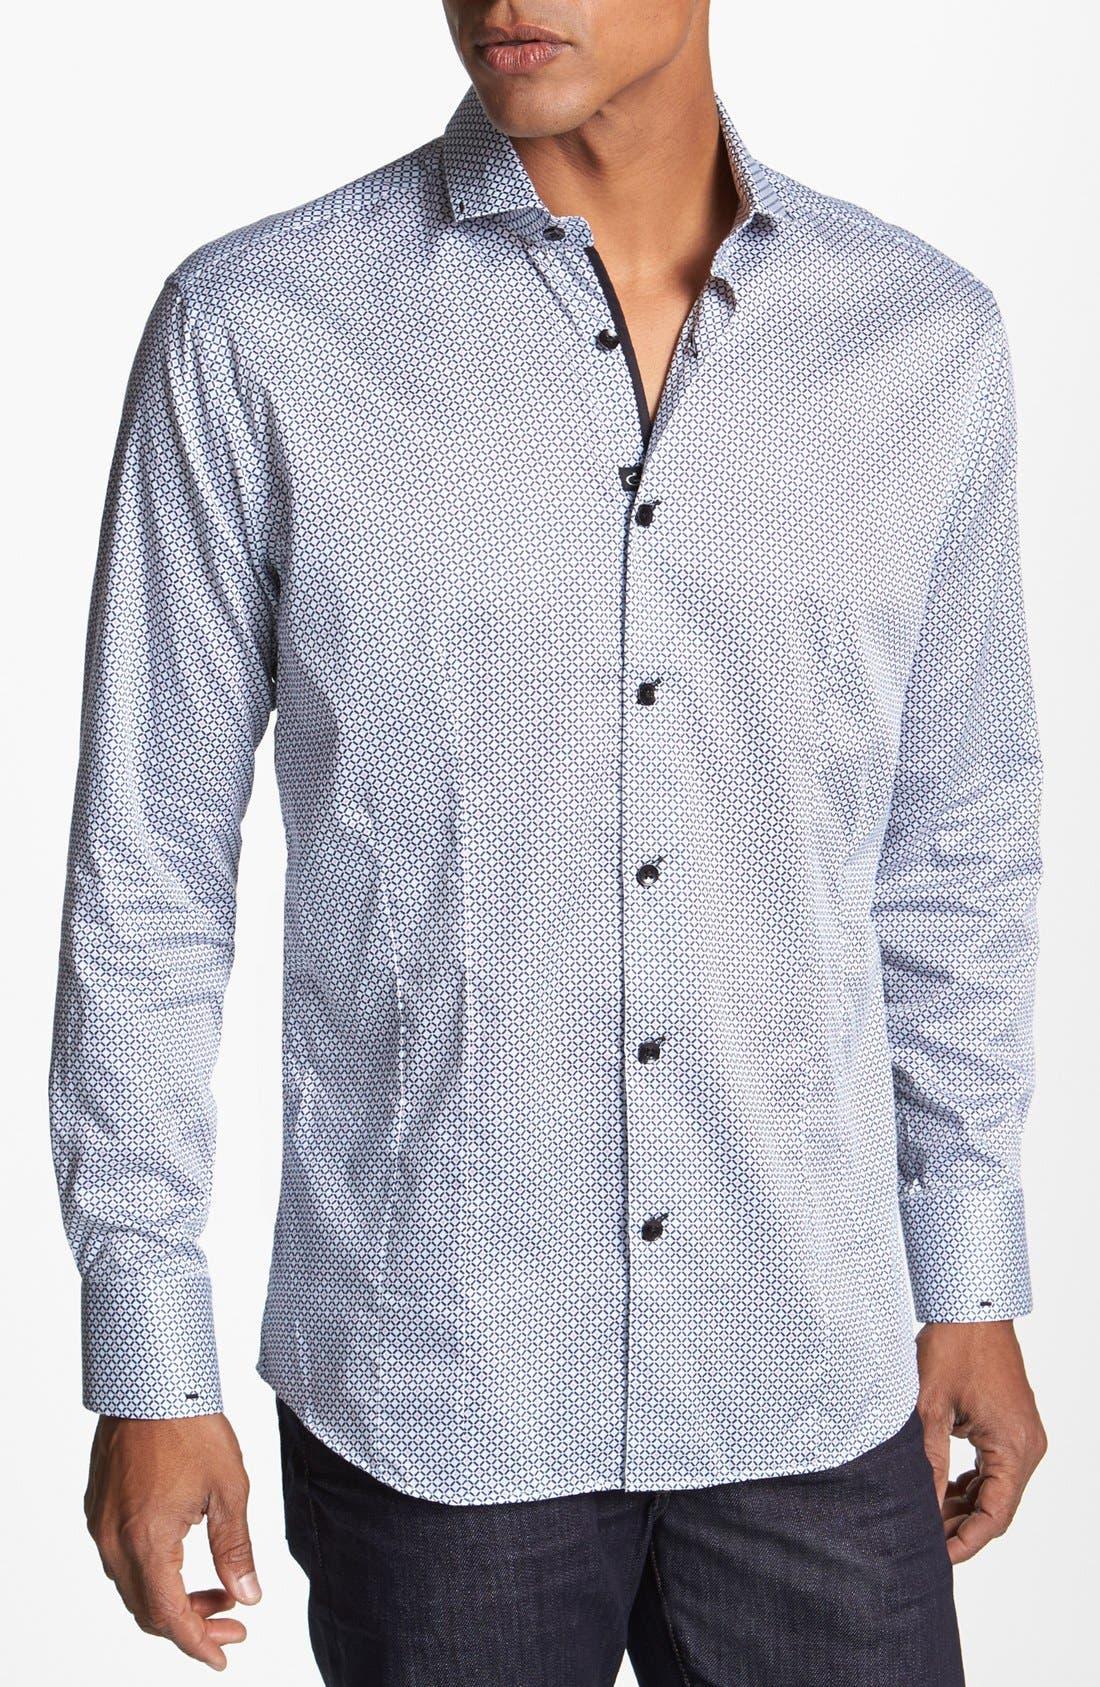 Main Image - Bogosse 'Michael' Trim Fit Sport Shirt